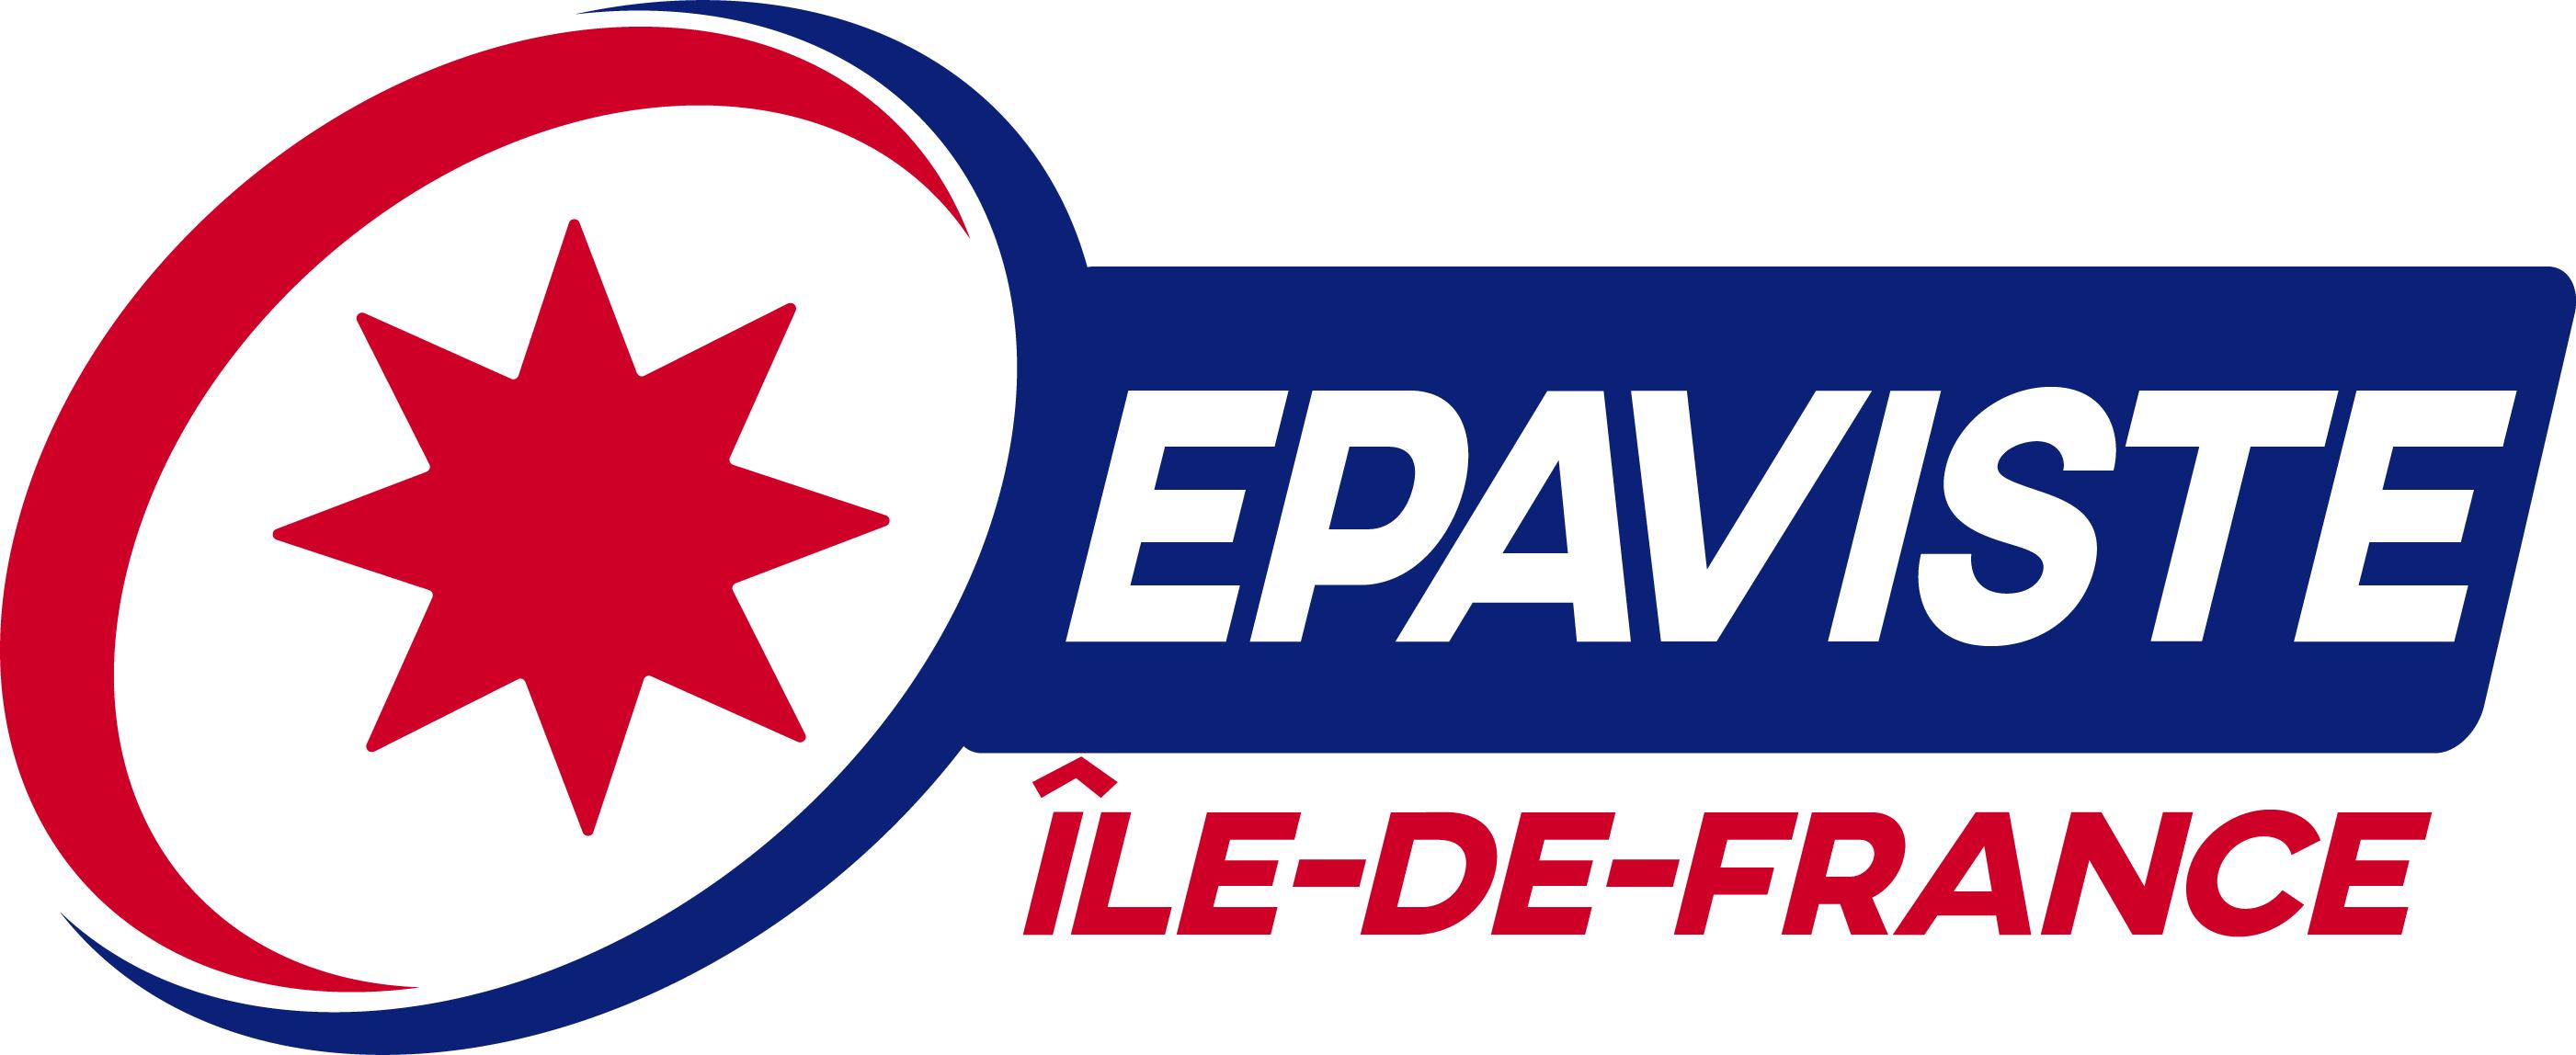 EPAVISTE ILE DE FRANCE